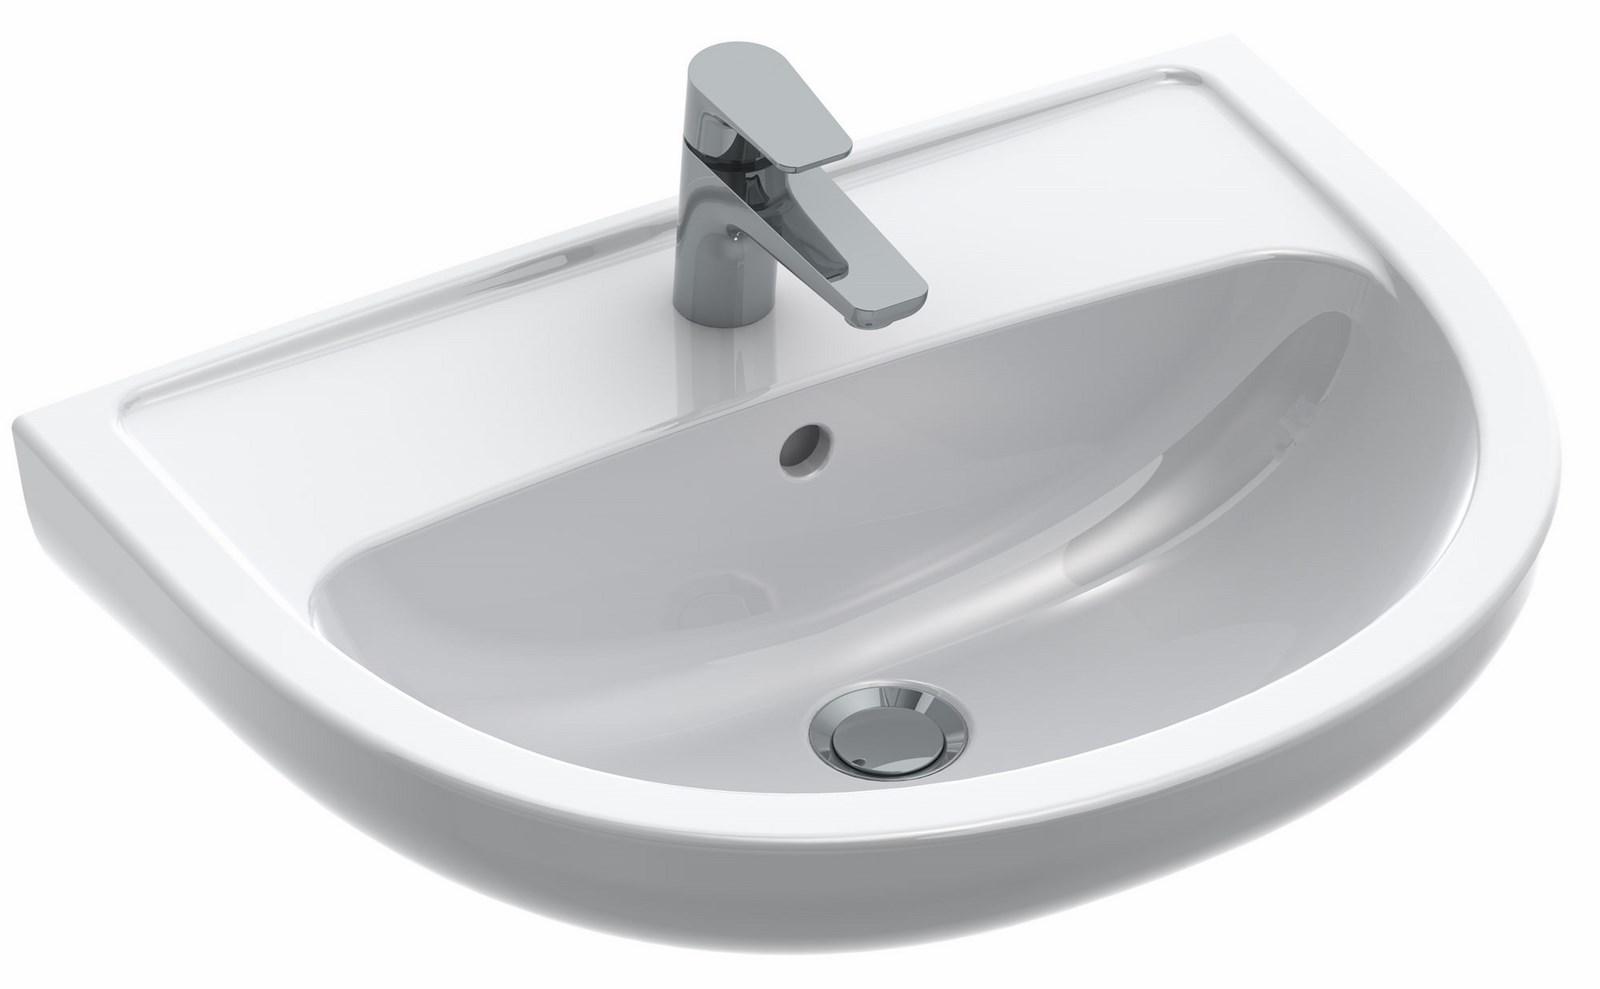 Lavabo volta plus villeroy et boch for Villeroy et boch salle de bain